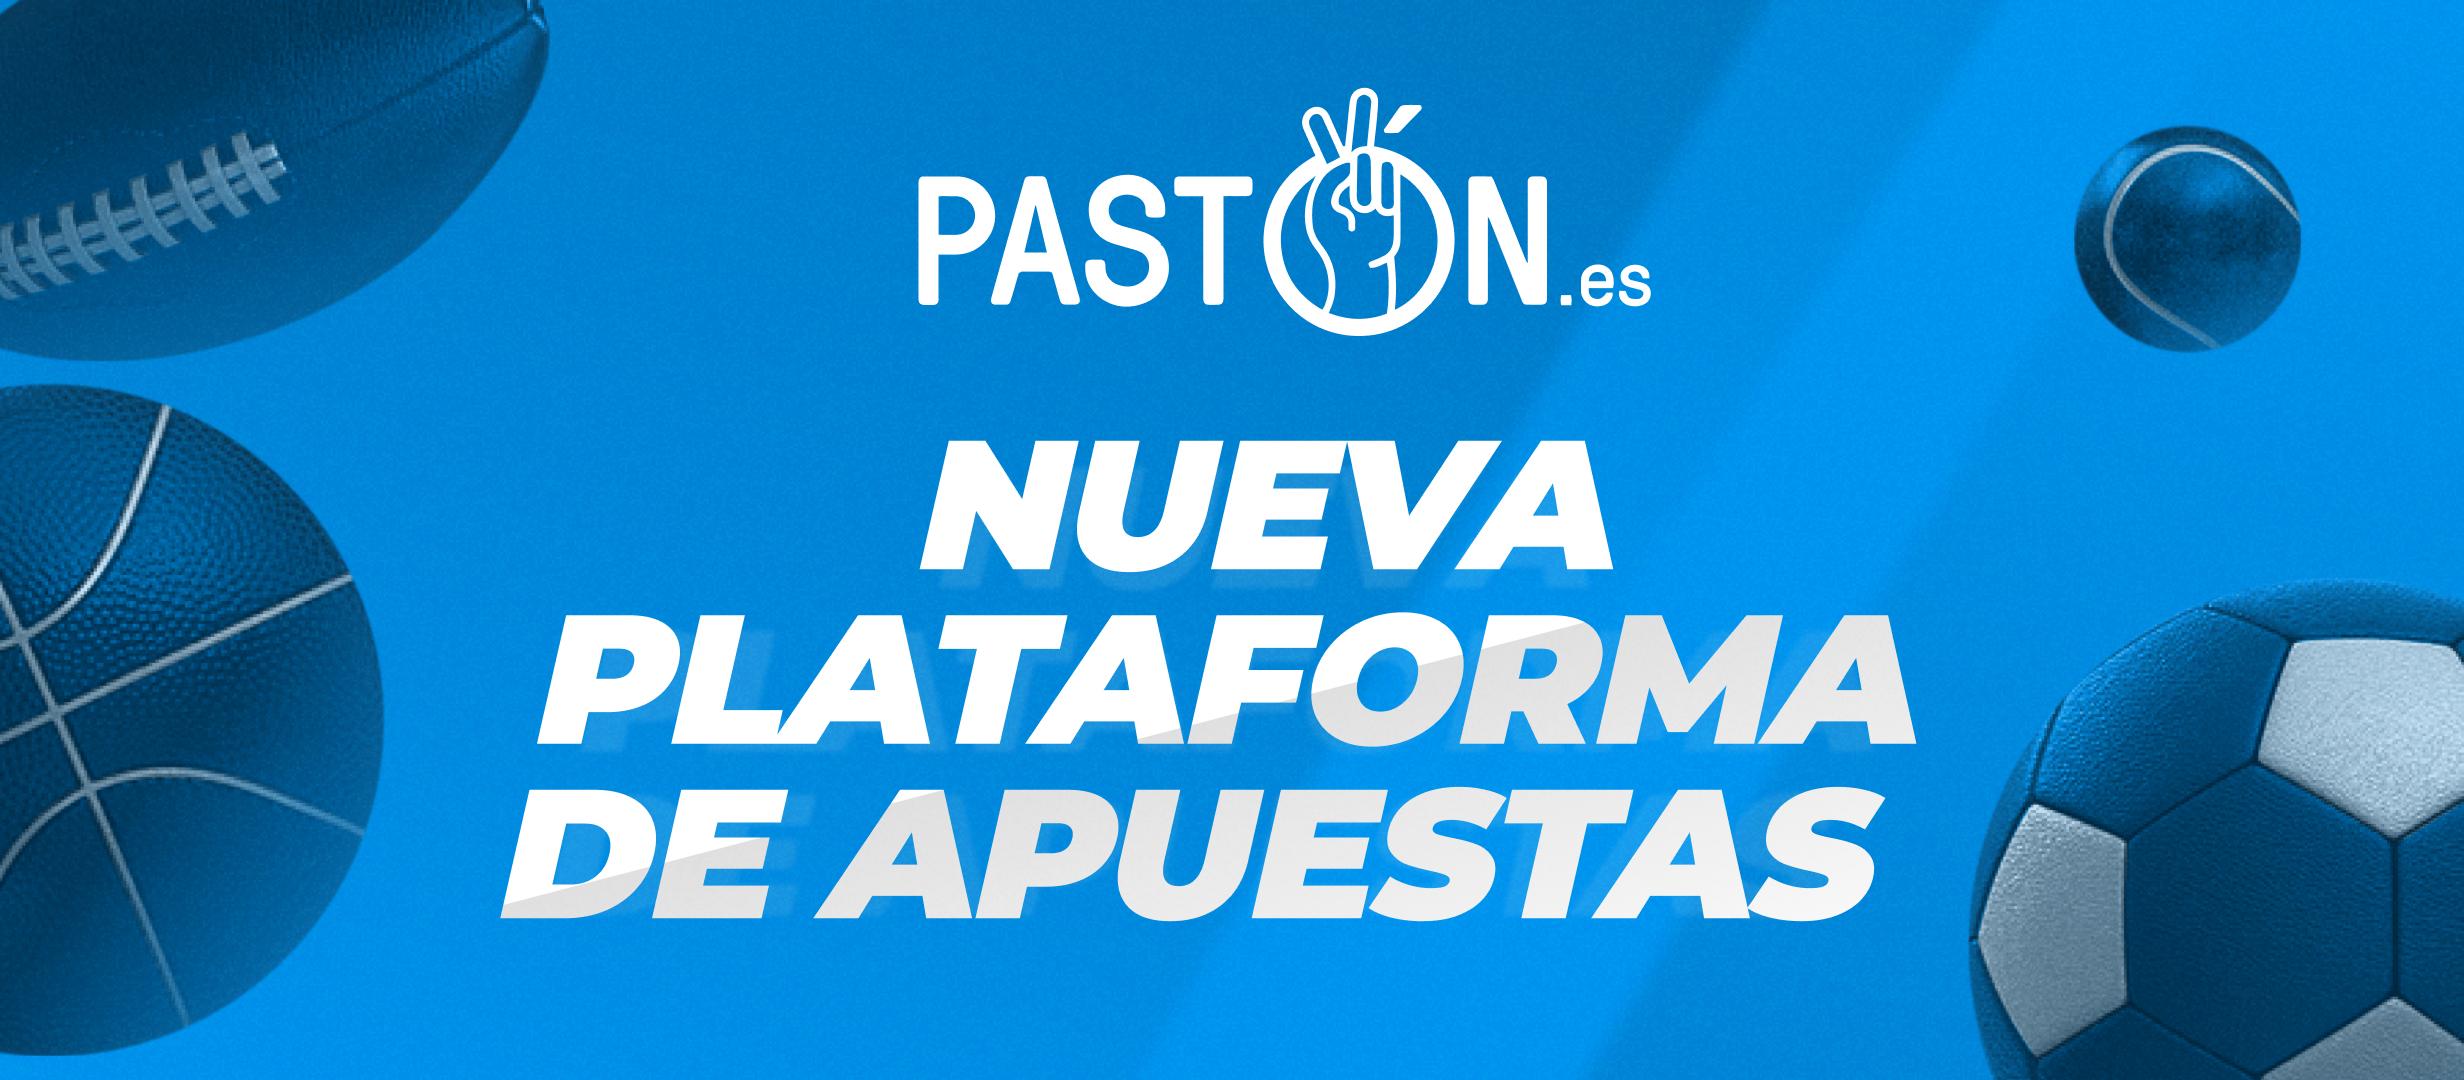 ¿Todavía no has probado la nueva plataforma de apuestas de Pastón?